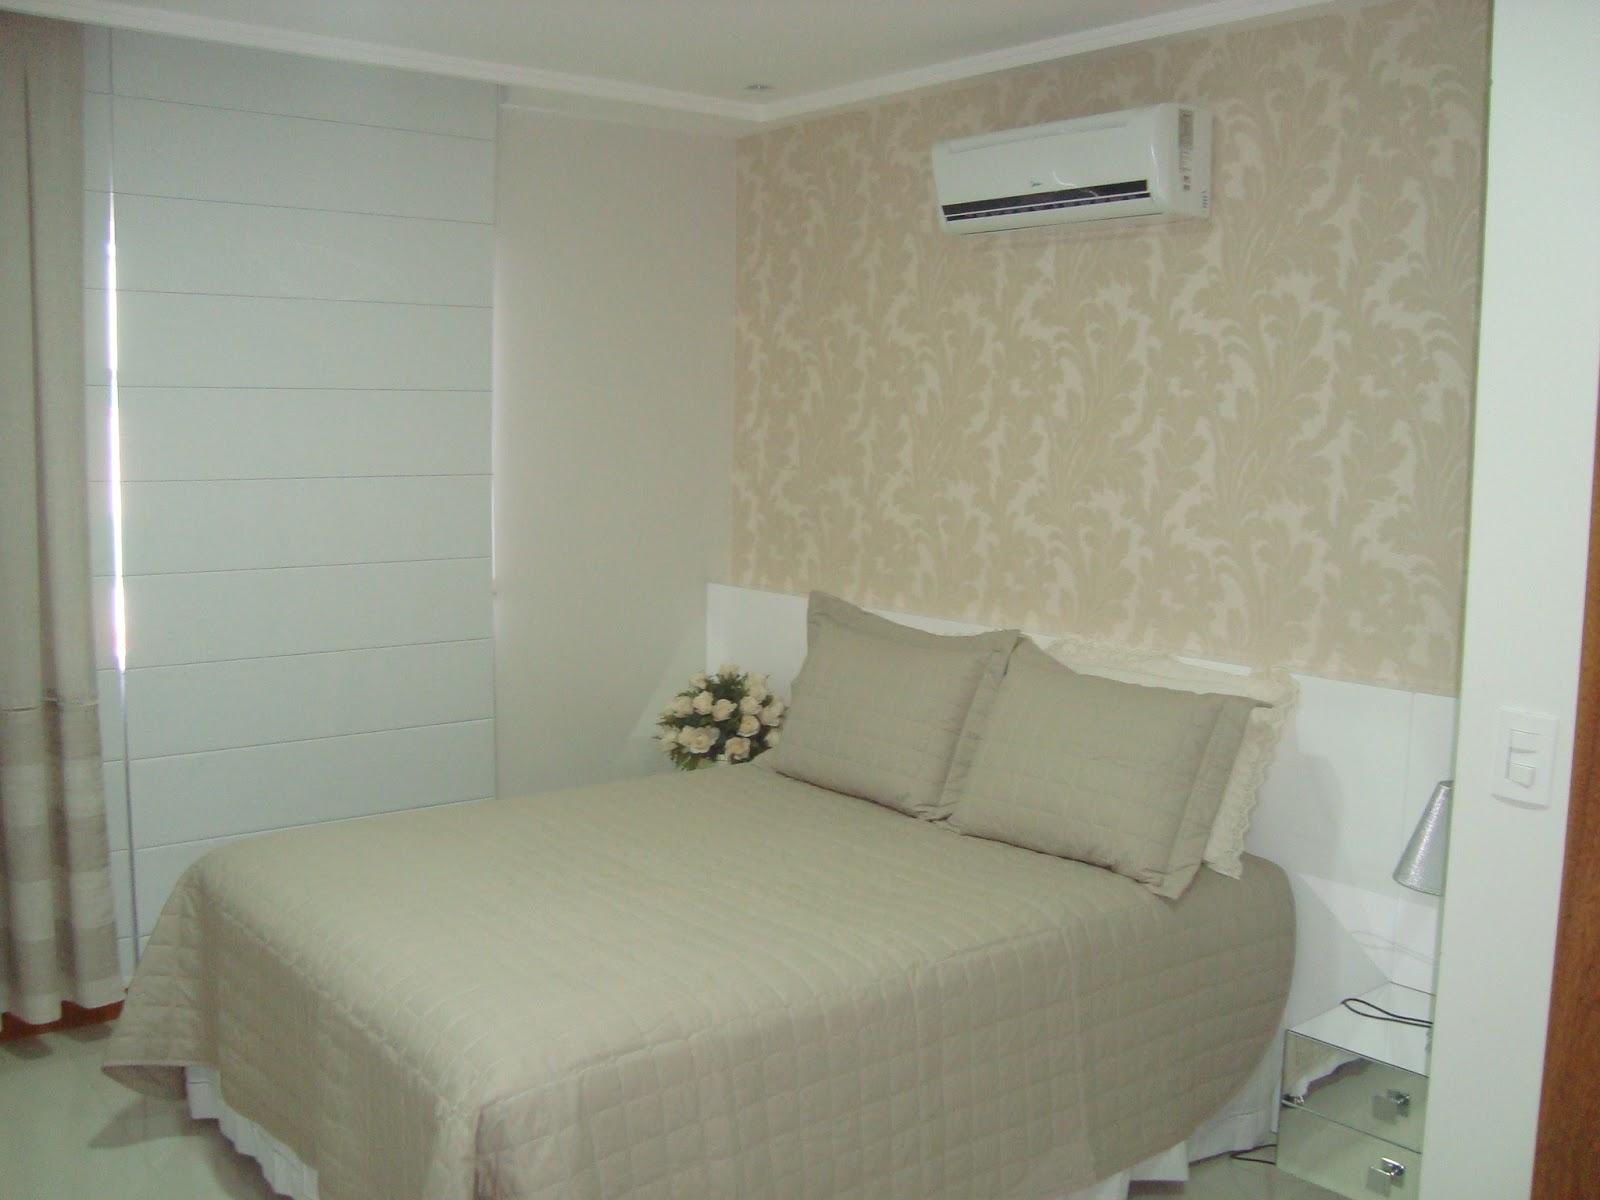 Carolla casa papel de parede decora o for Papel para paredes baratos